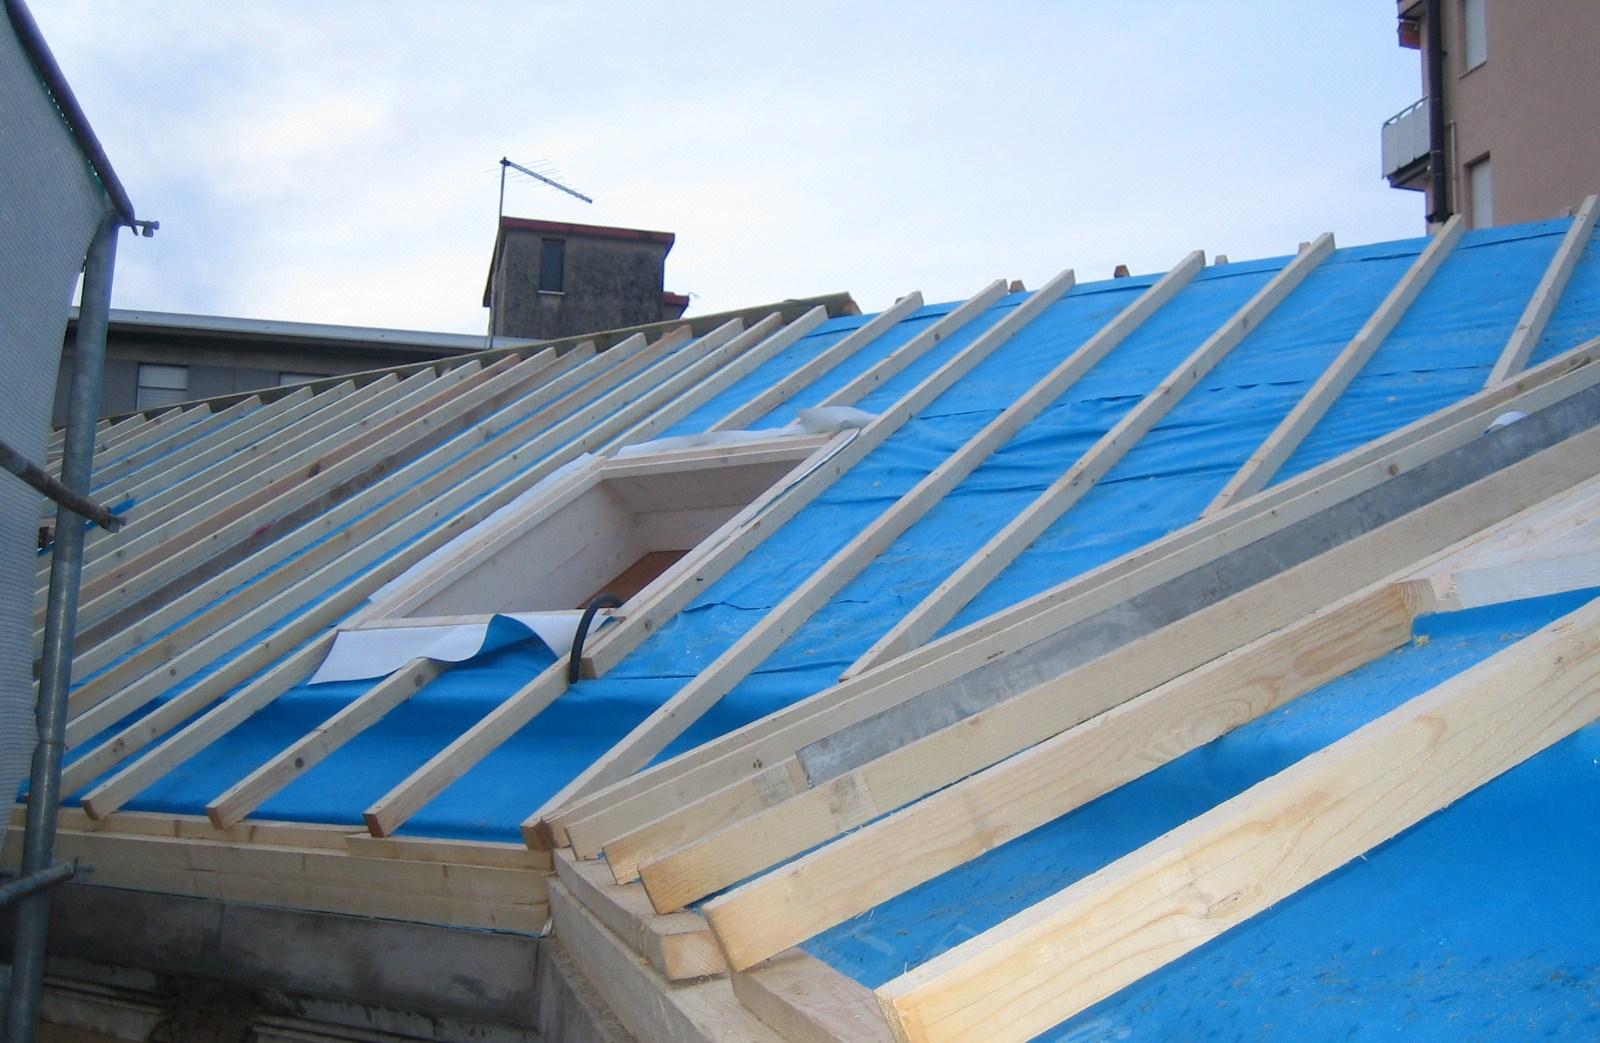 Rifacimento tetti e coperture zanella impresa edile treviso for Imprese edili e costruzioni londra